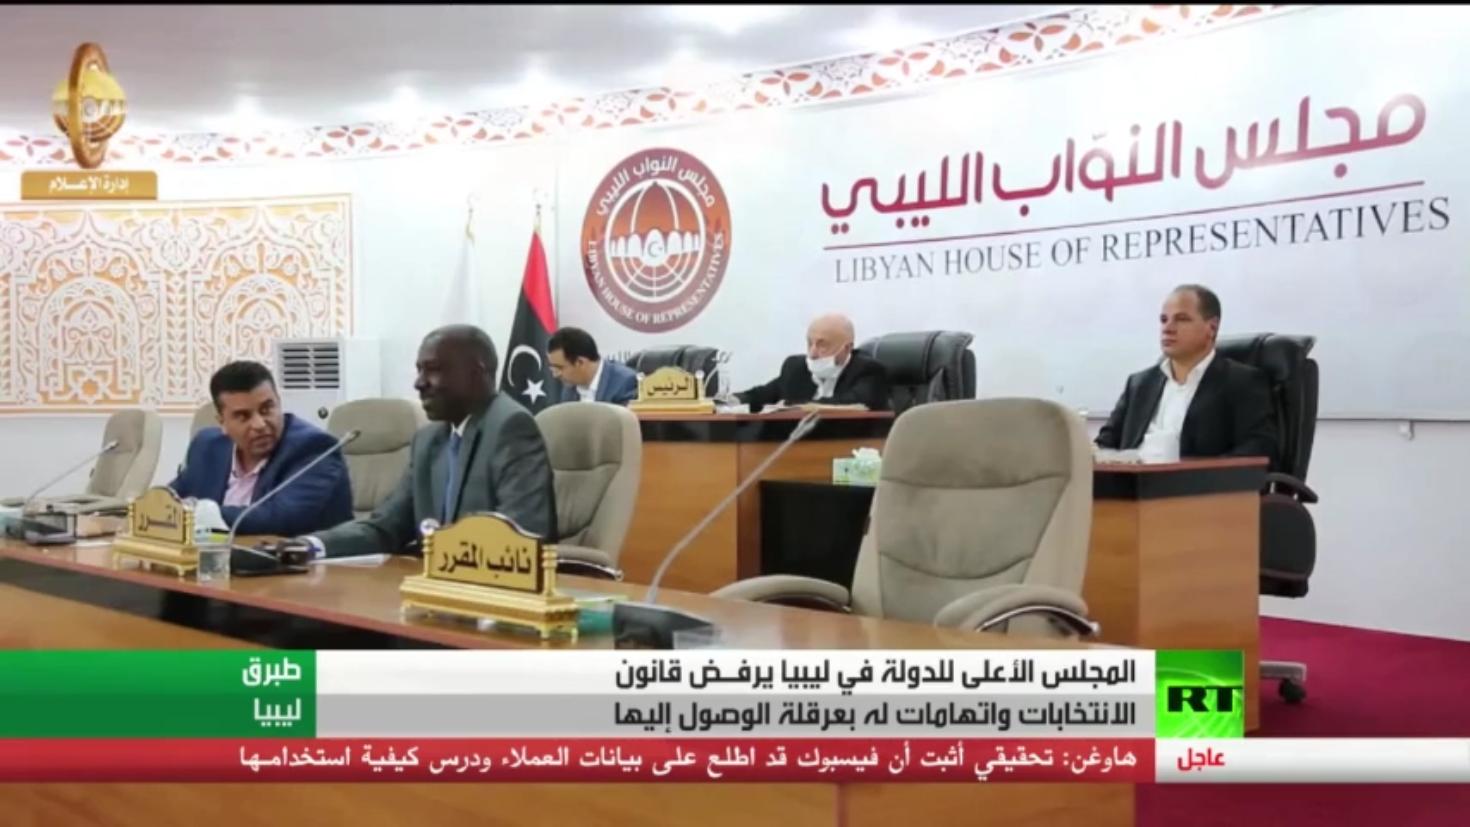 المجلس الأعلى للدولة في ليبيا يرفض قانون الانتخابات